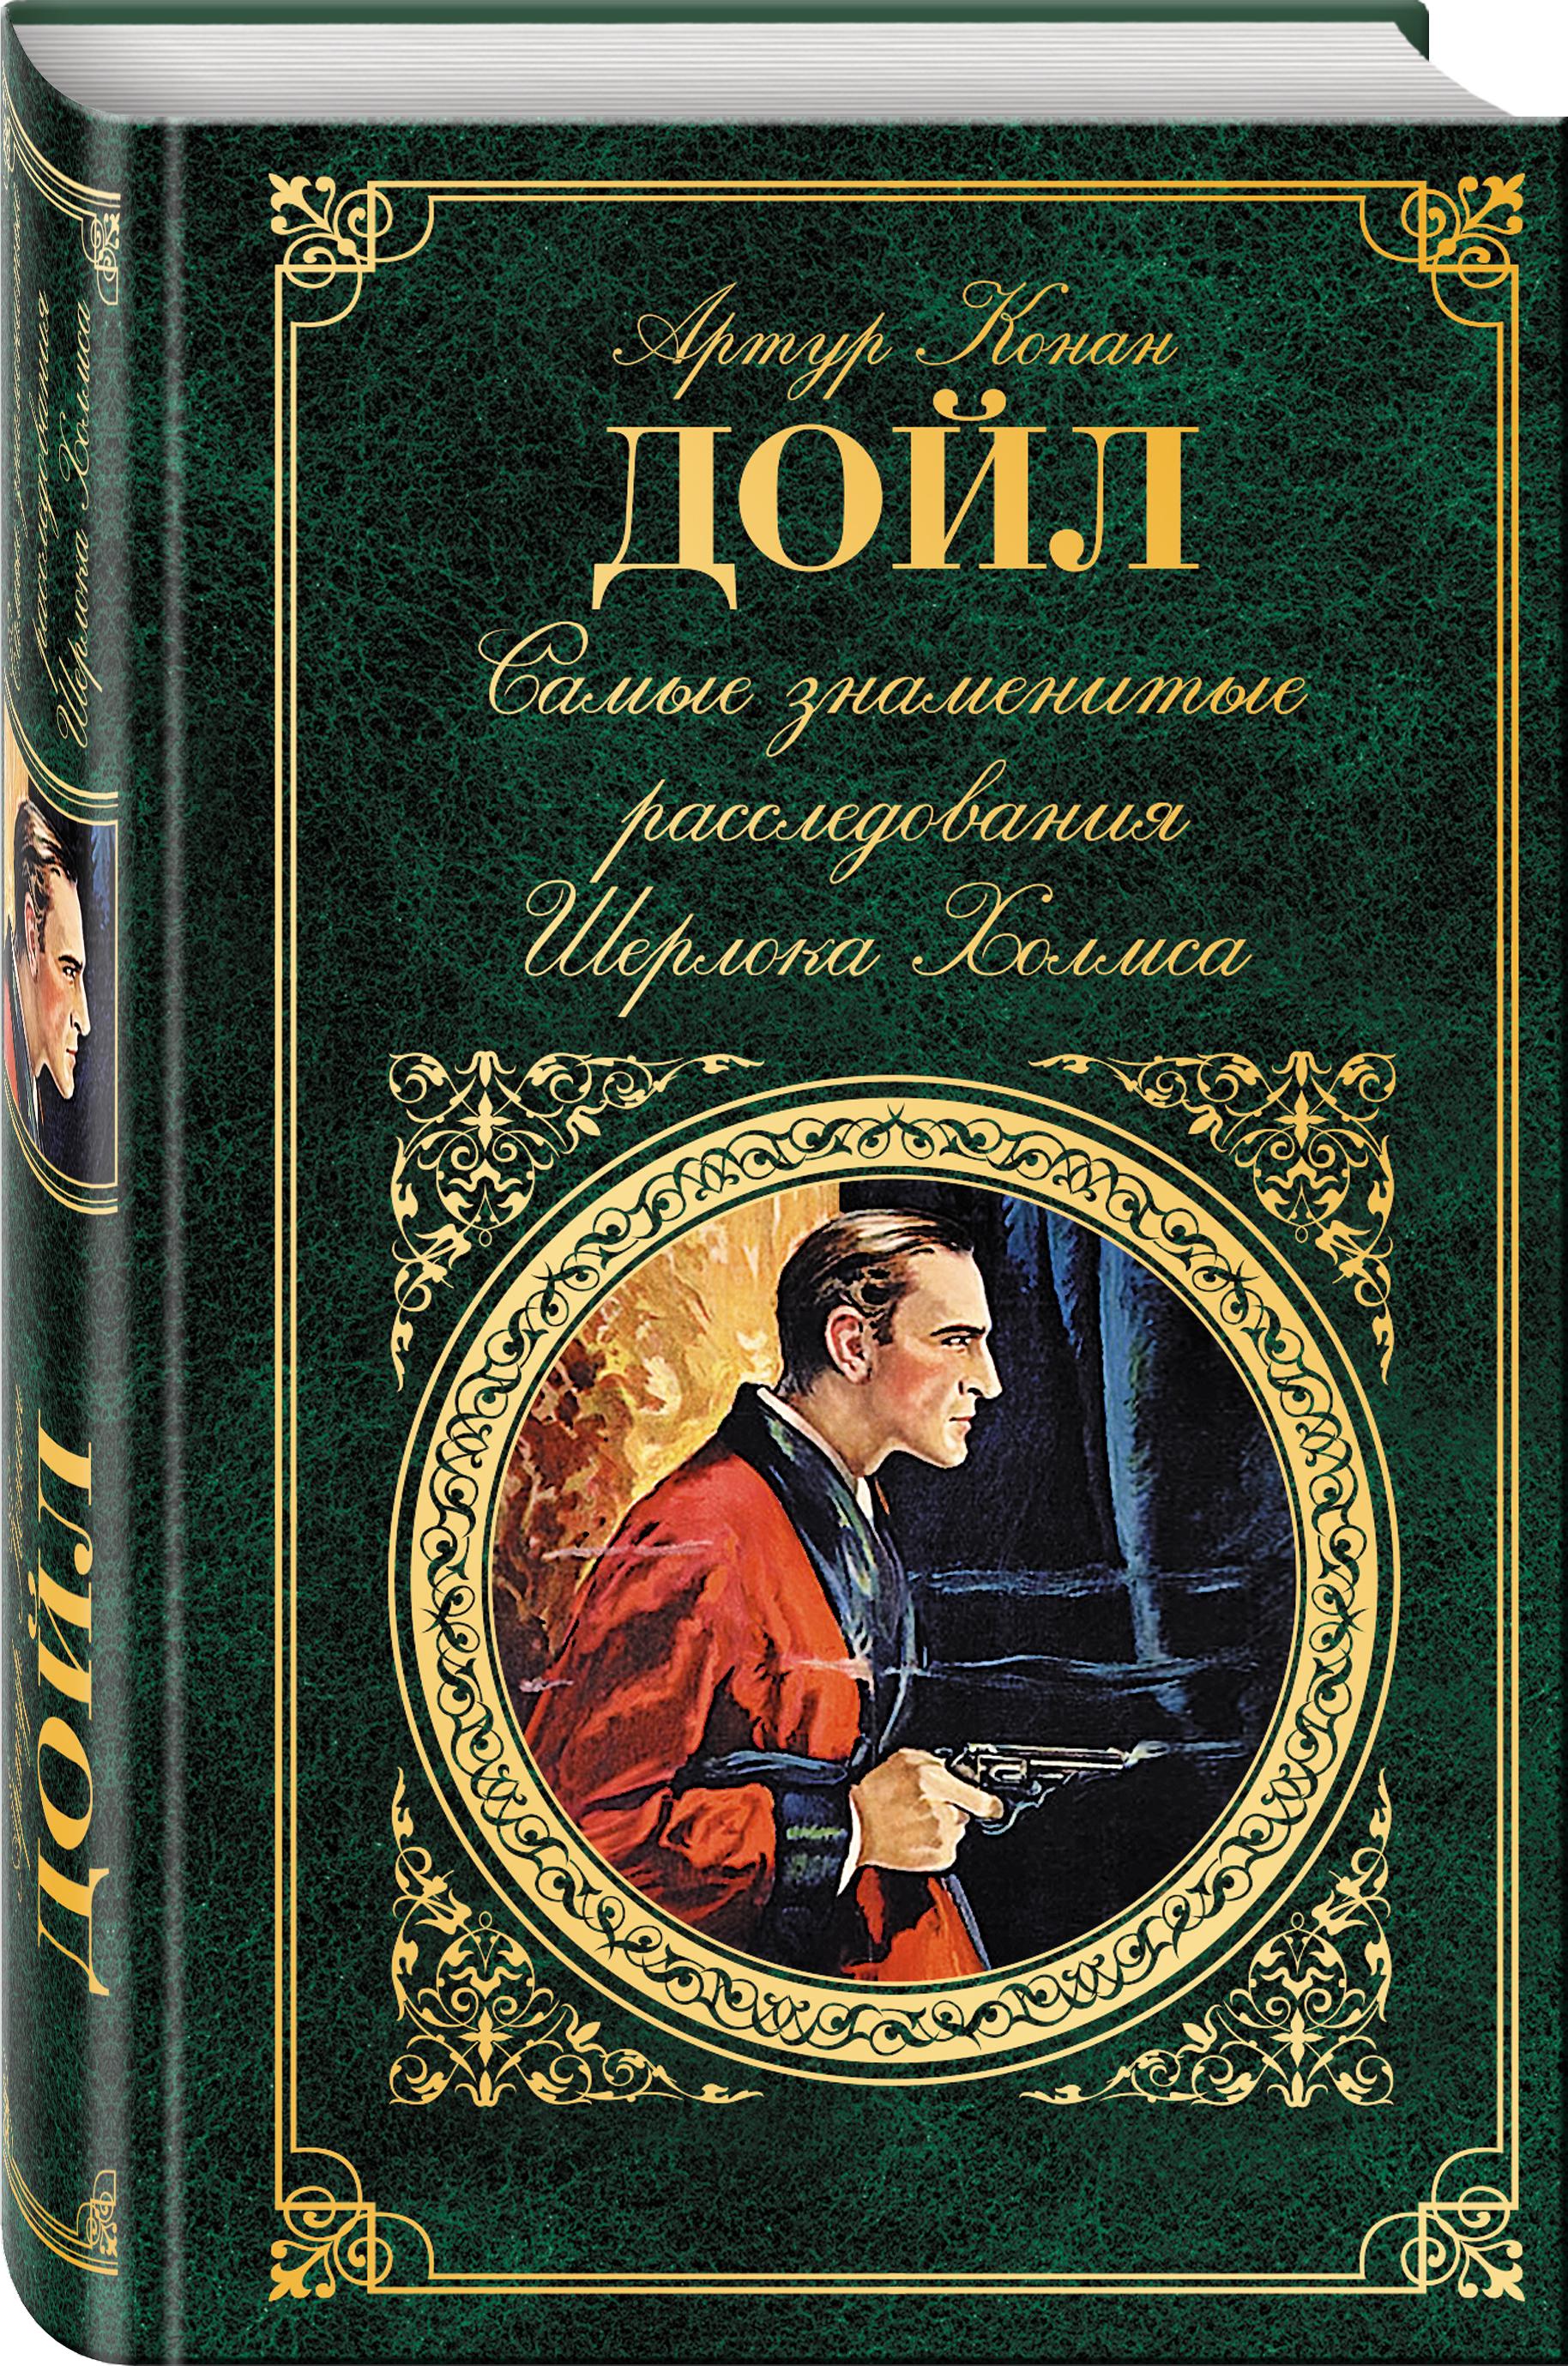 Конан Дойл А. Самые знаменитые расследования Шерлока Холмса а конан дойл новое дело шерлока холмса